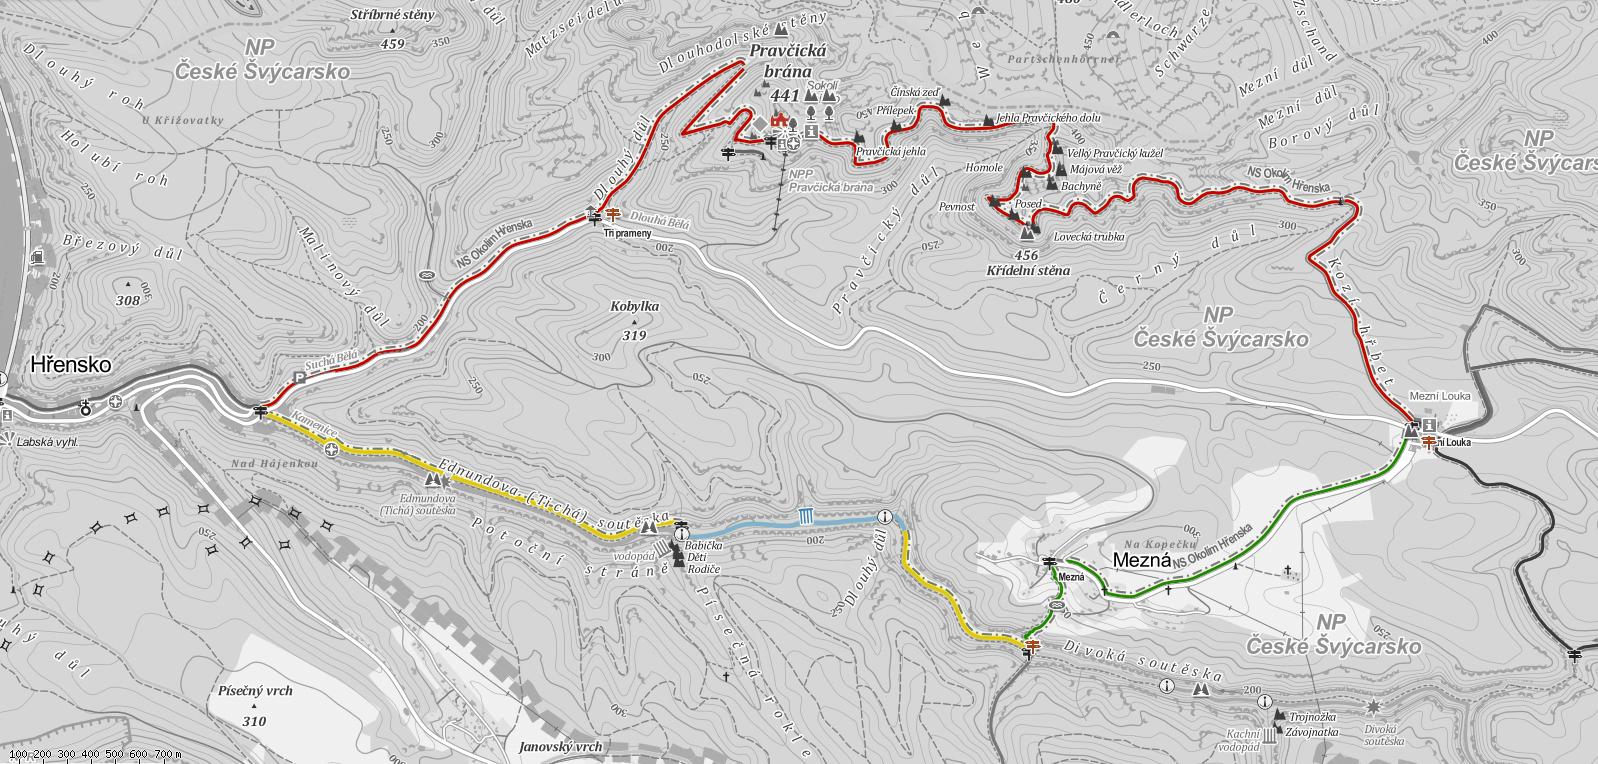 mapa_ceske_svycarsko